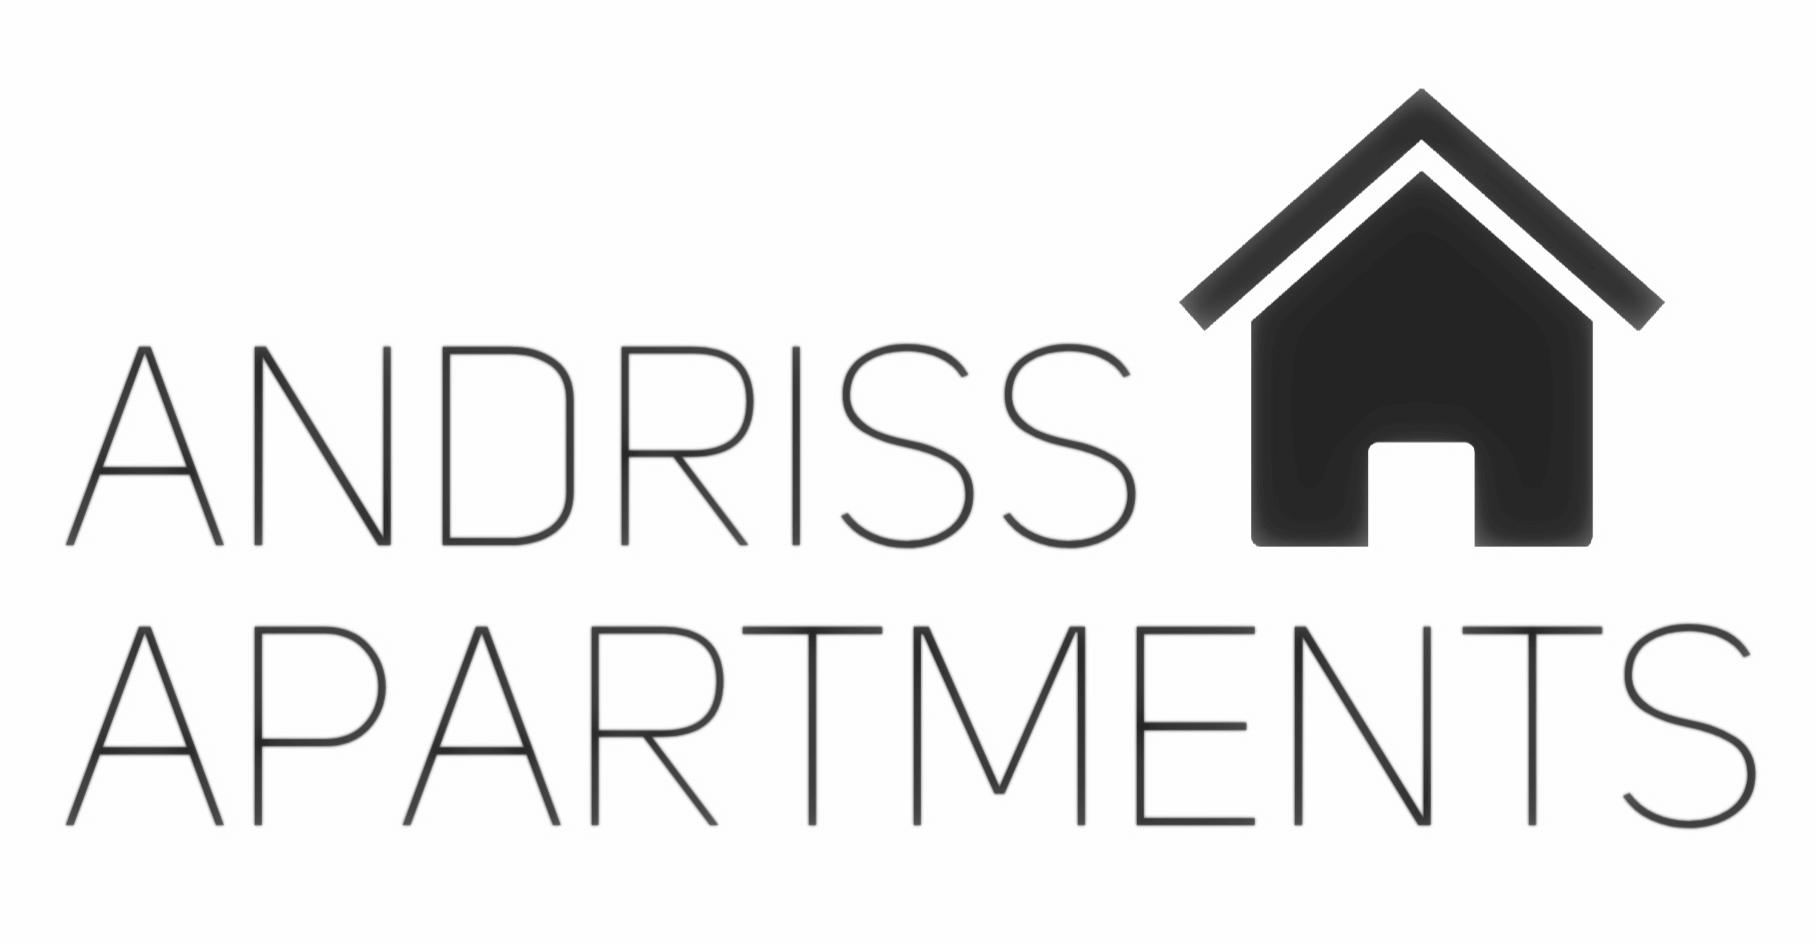 Andriss Apartments Kaiserslautern in Kaiserslautern-Siegelbach